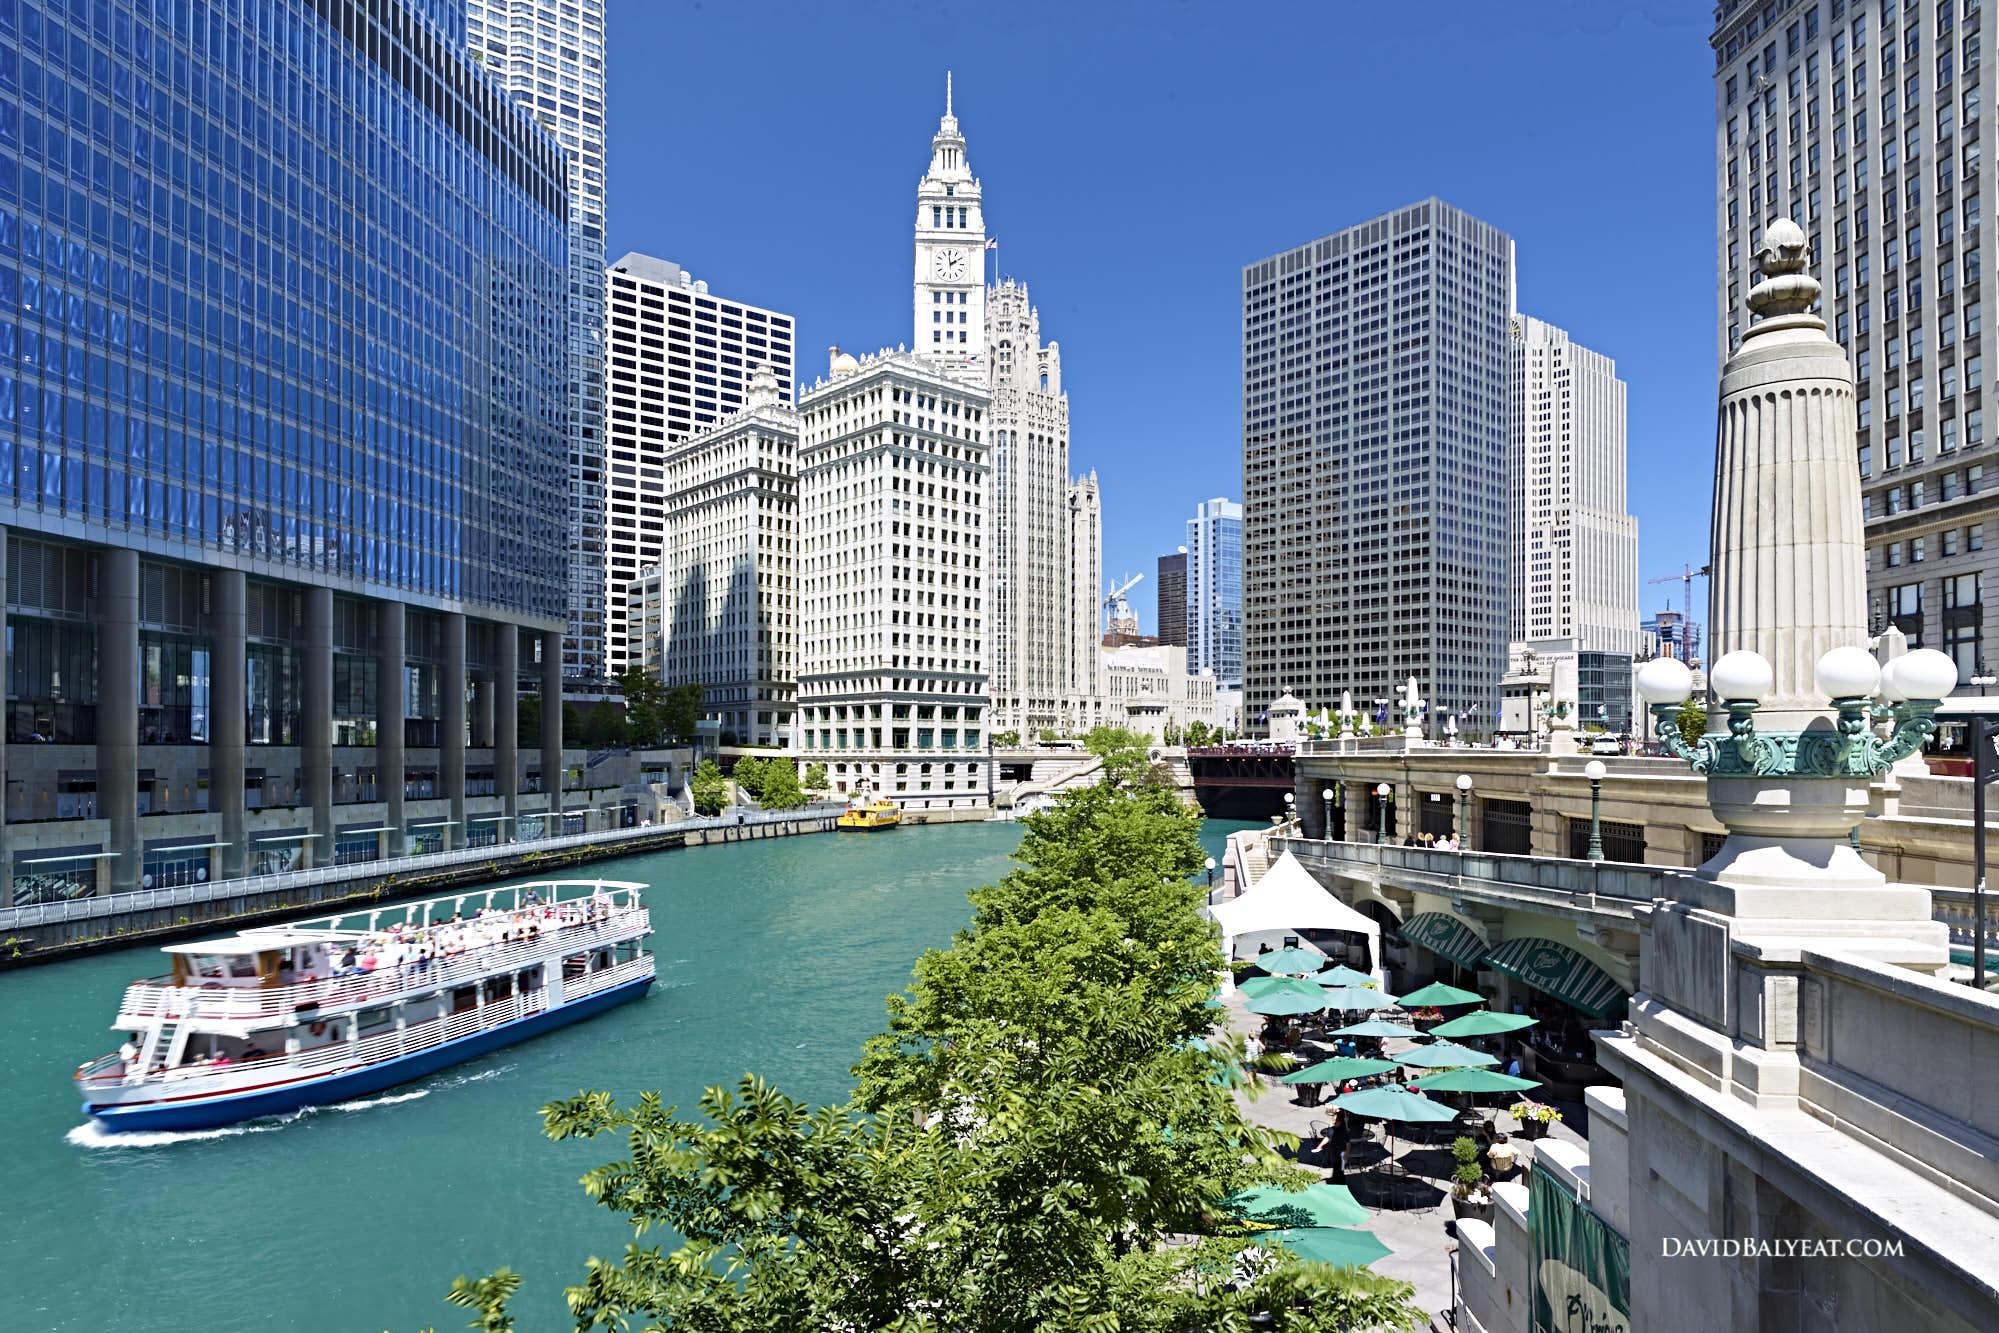 Chicago riverwalk david balyeat photography portfolio for Chicago landscape